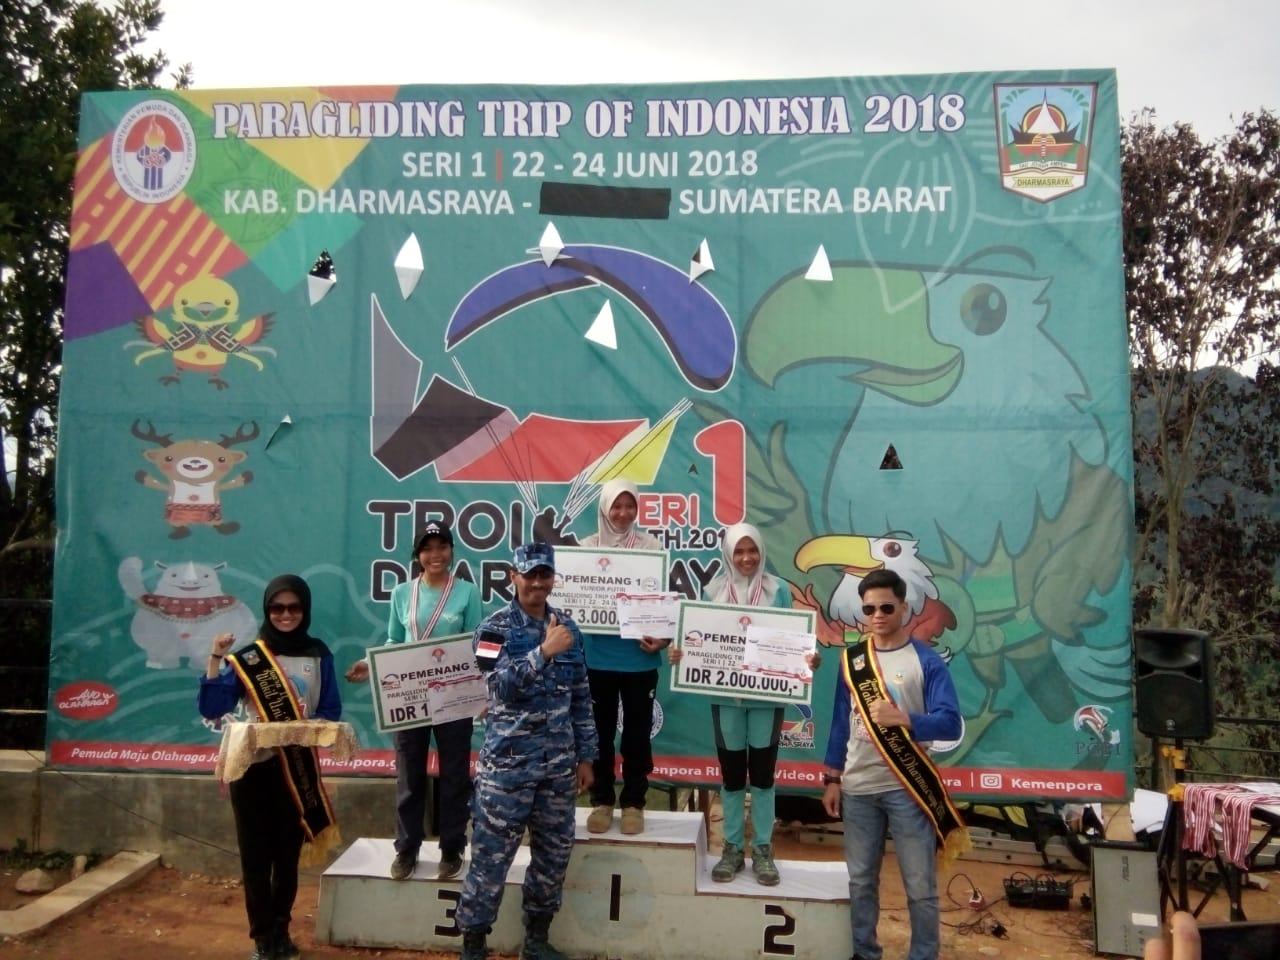 2 Anggota Abd Saleh Sabet Juara 2 Kejuaran Paragliding Trip On Indonesia